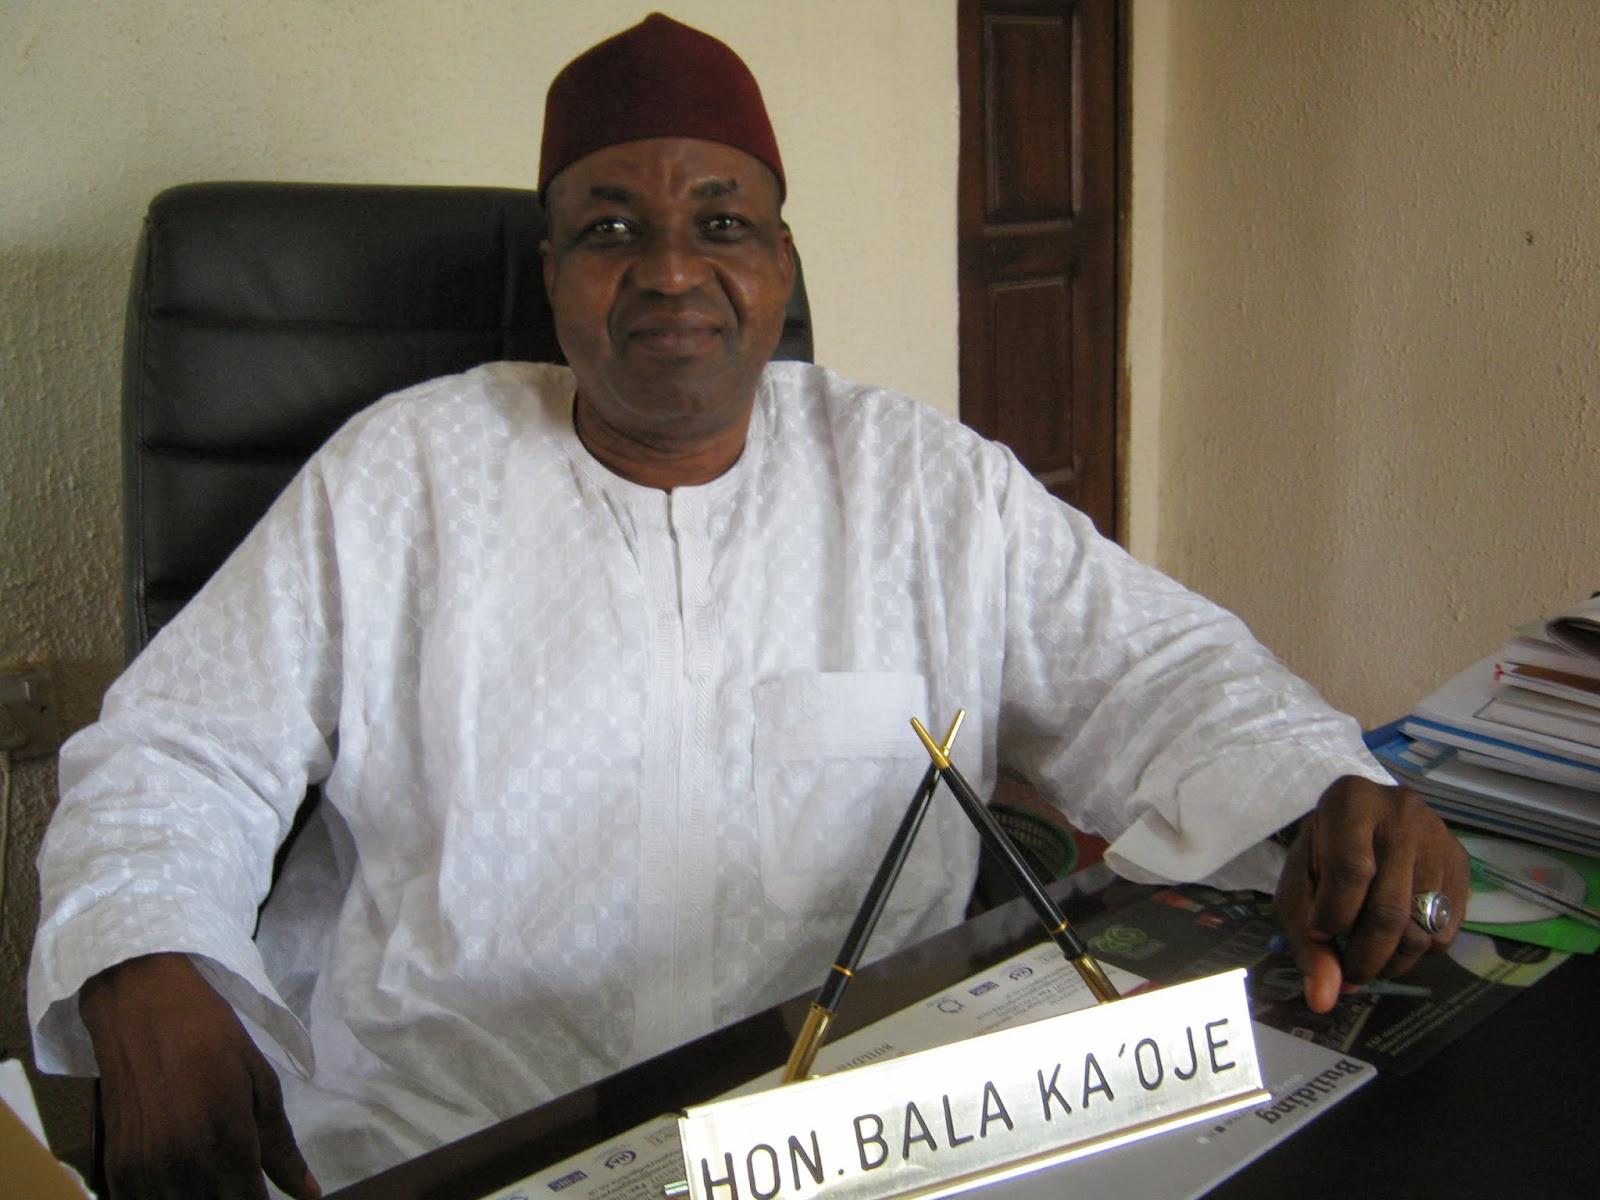 Bala Ka'oje